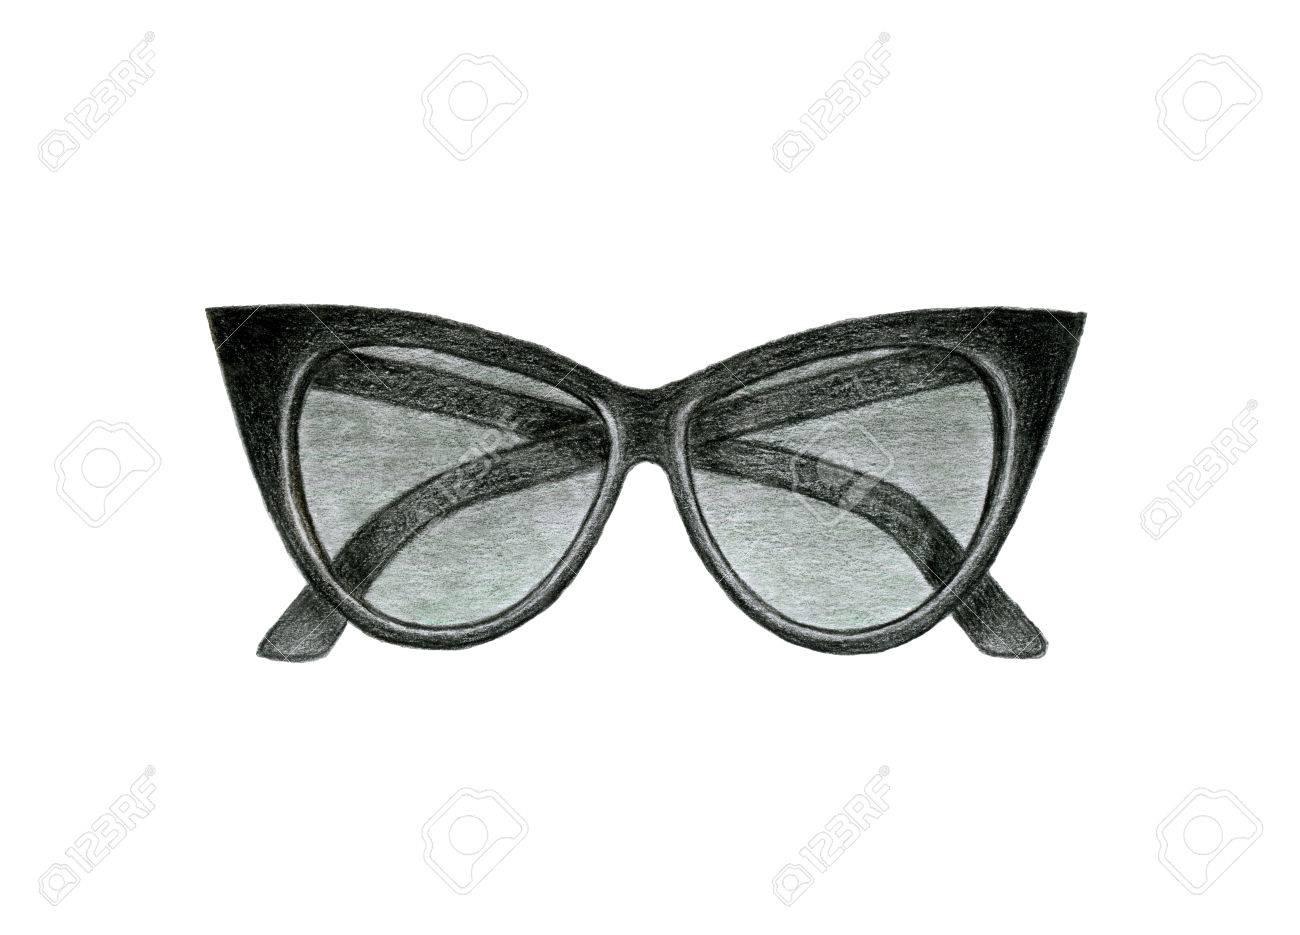 Dessin Lunettes De Soleil lunettes de soleil noir de la femme. dessin à la main avec des